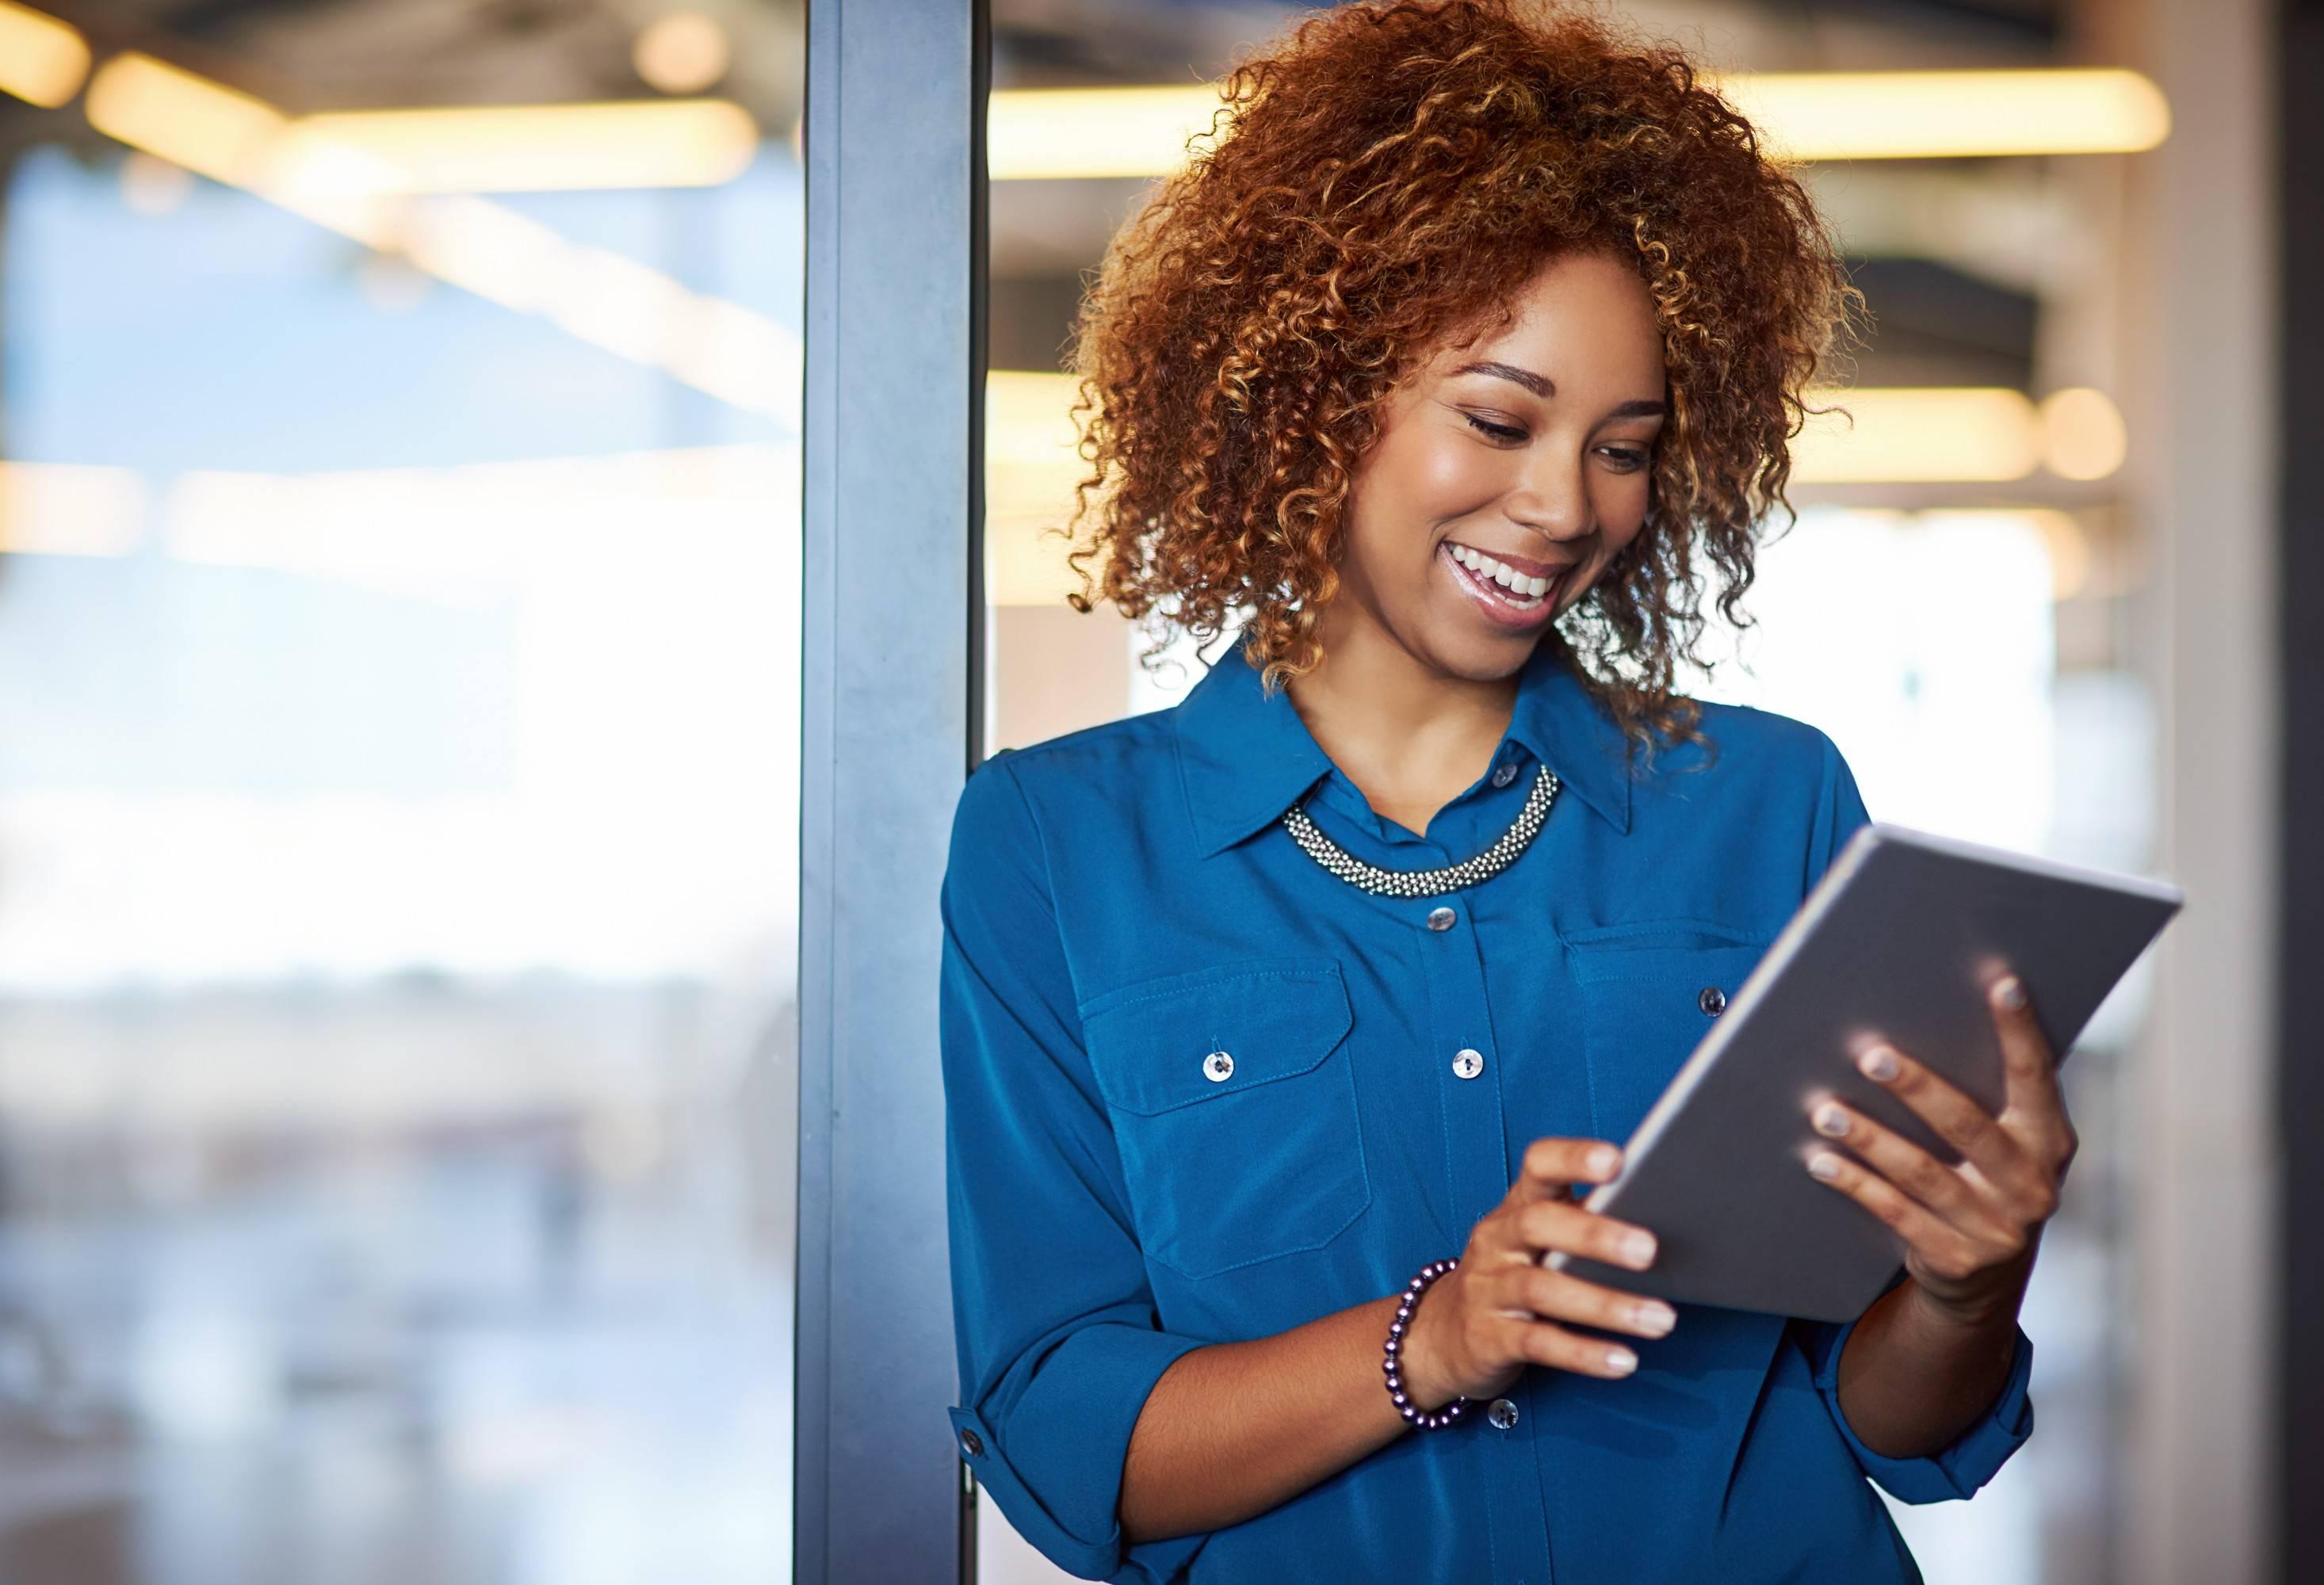 Tablet ou smartphone: qual é o mais indicado para as empresas?